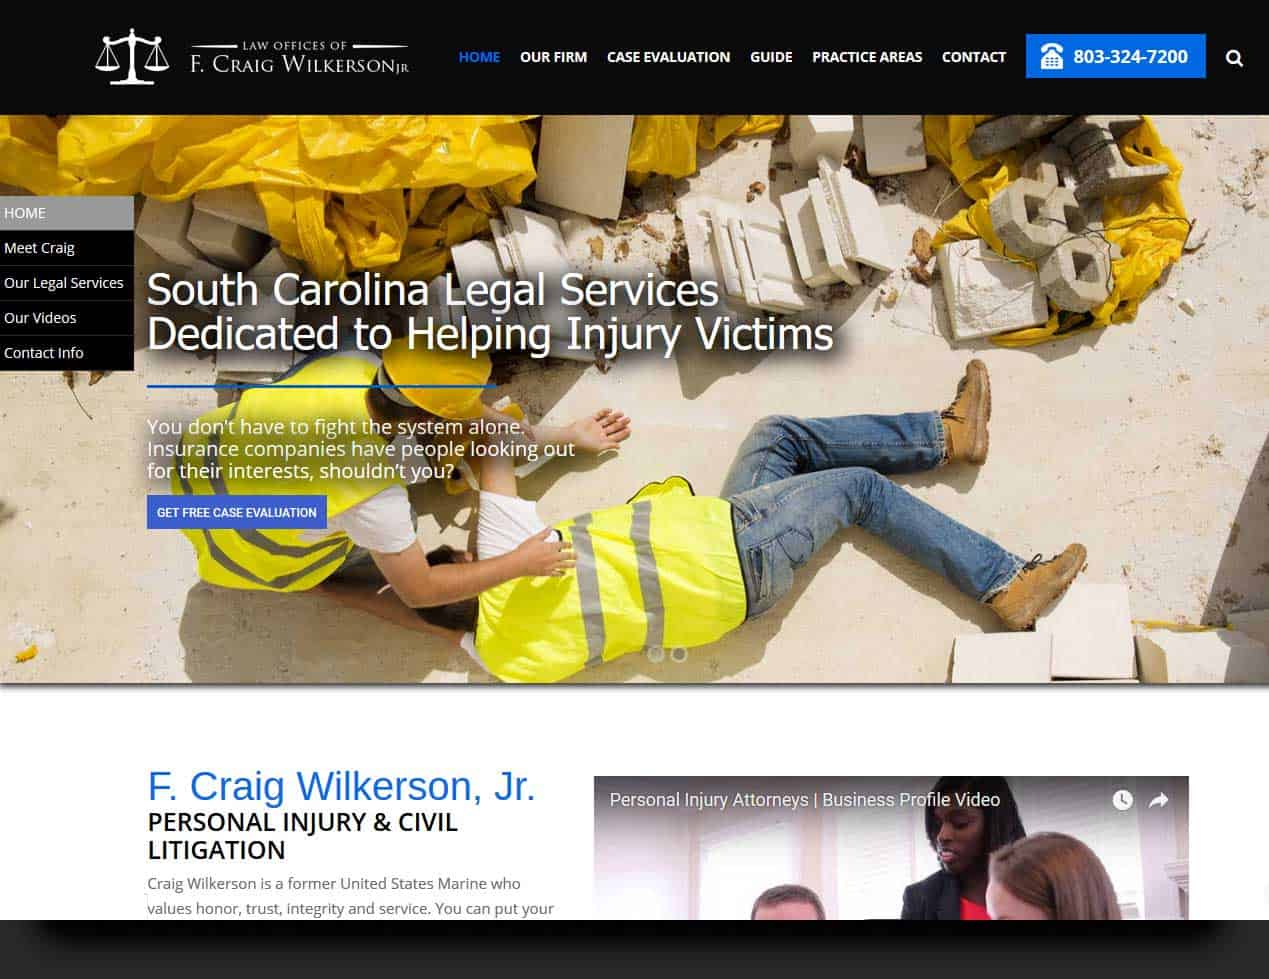 wilkerson website